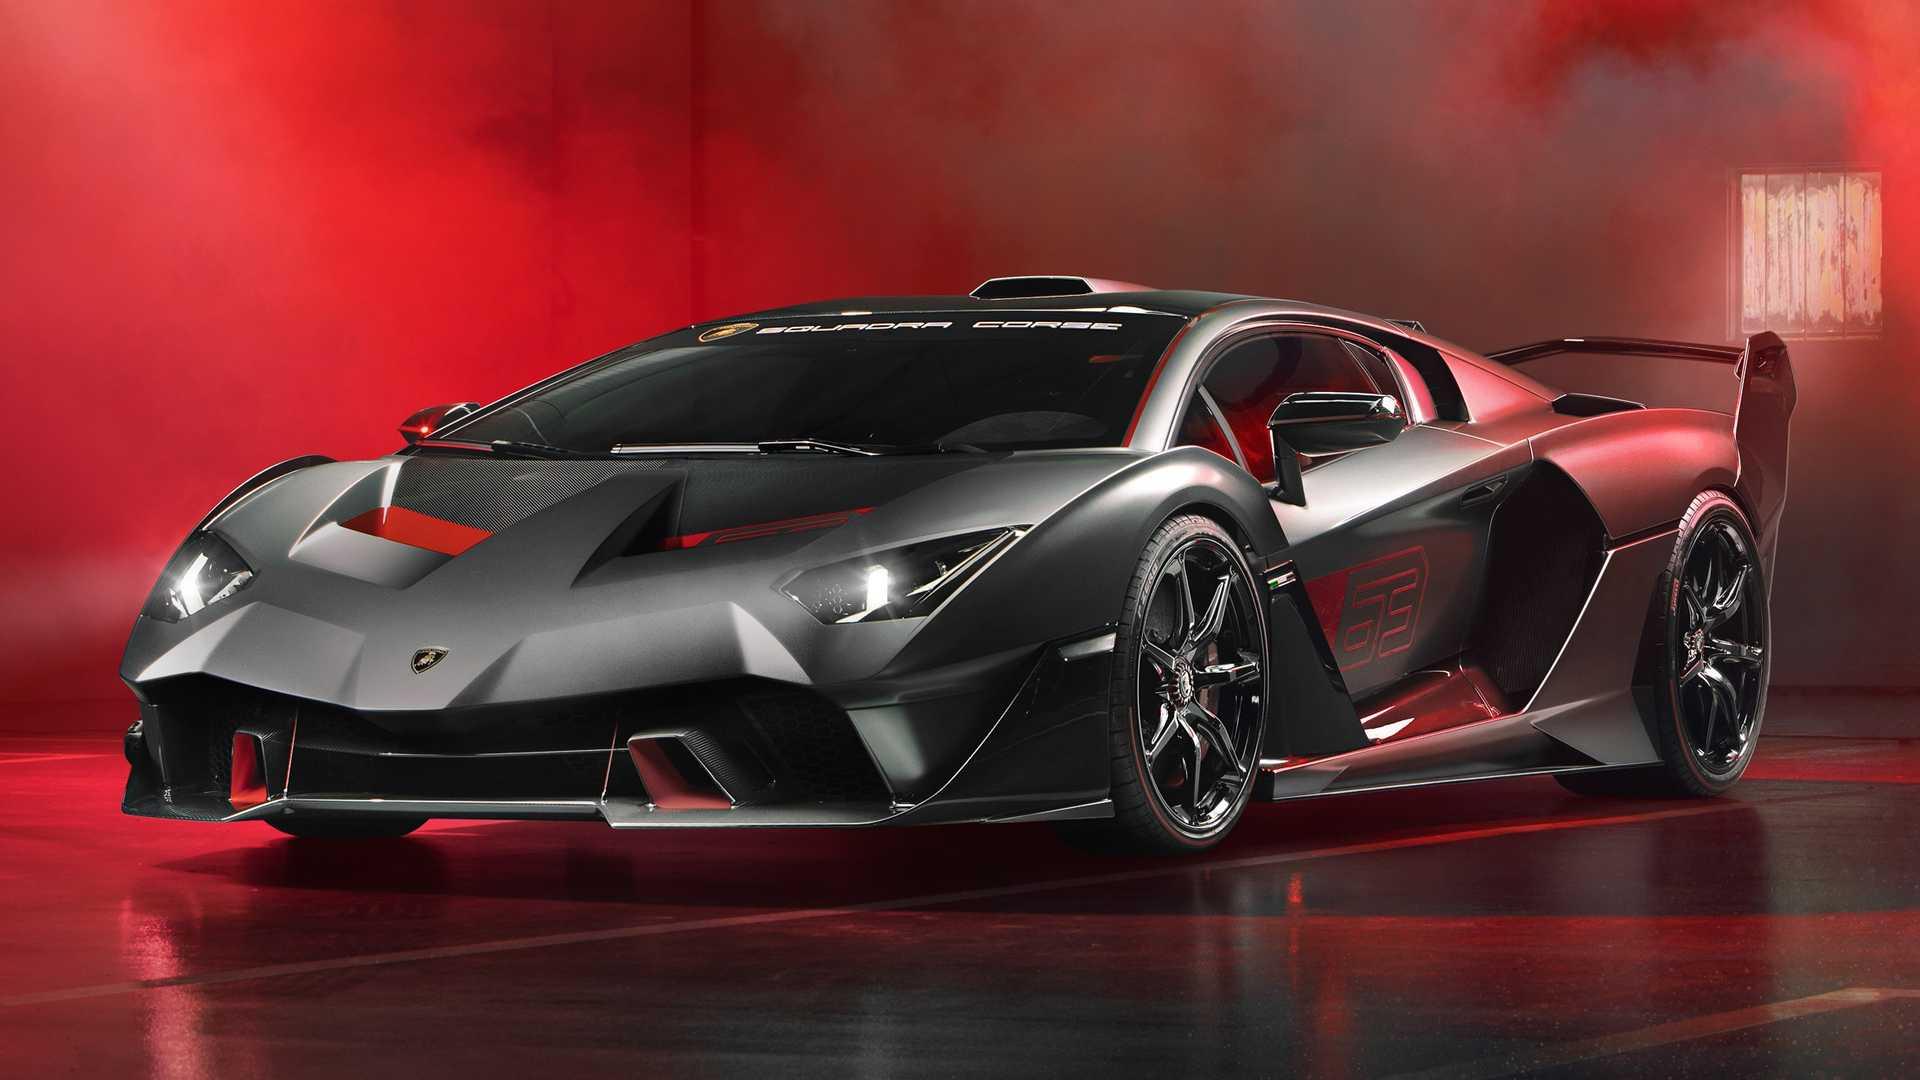 Hình nền siêu xe Lamborghini cực đẹp